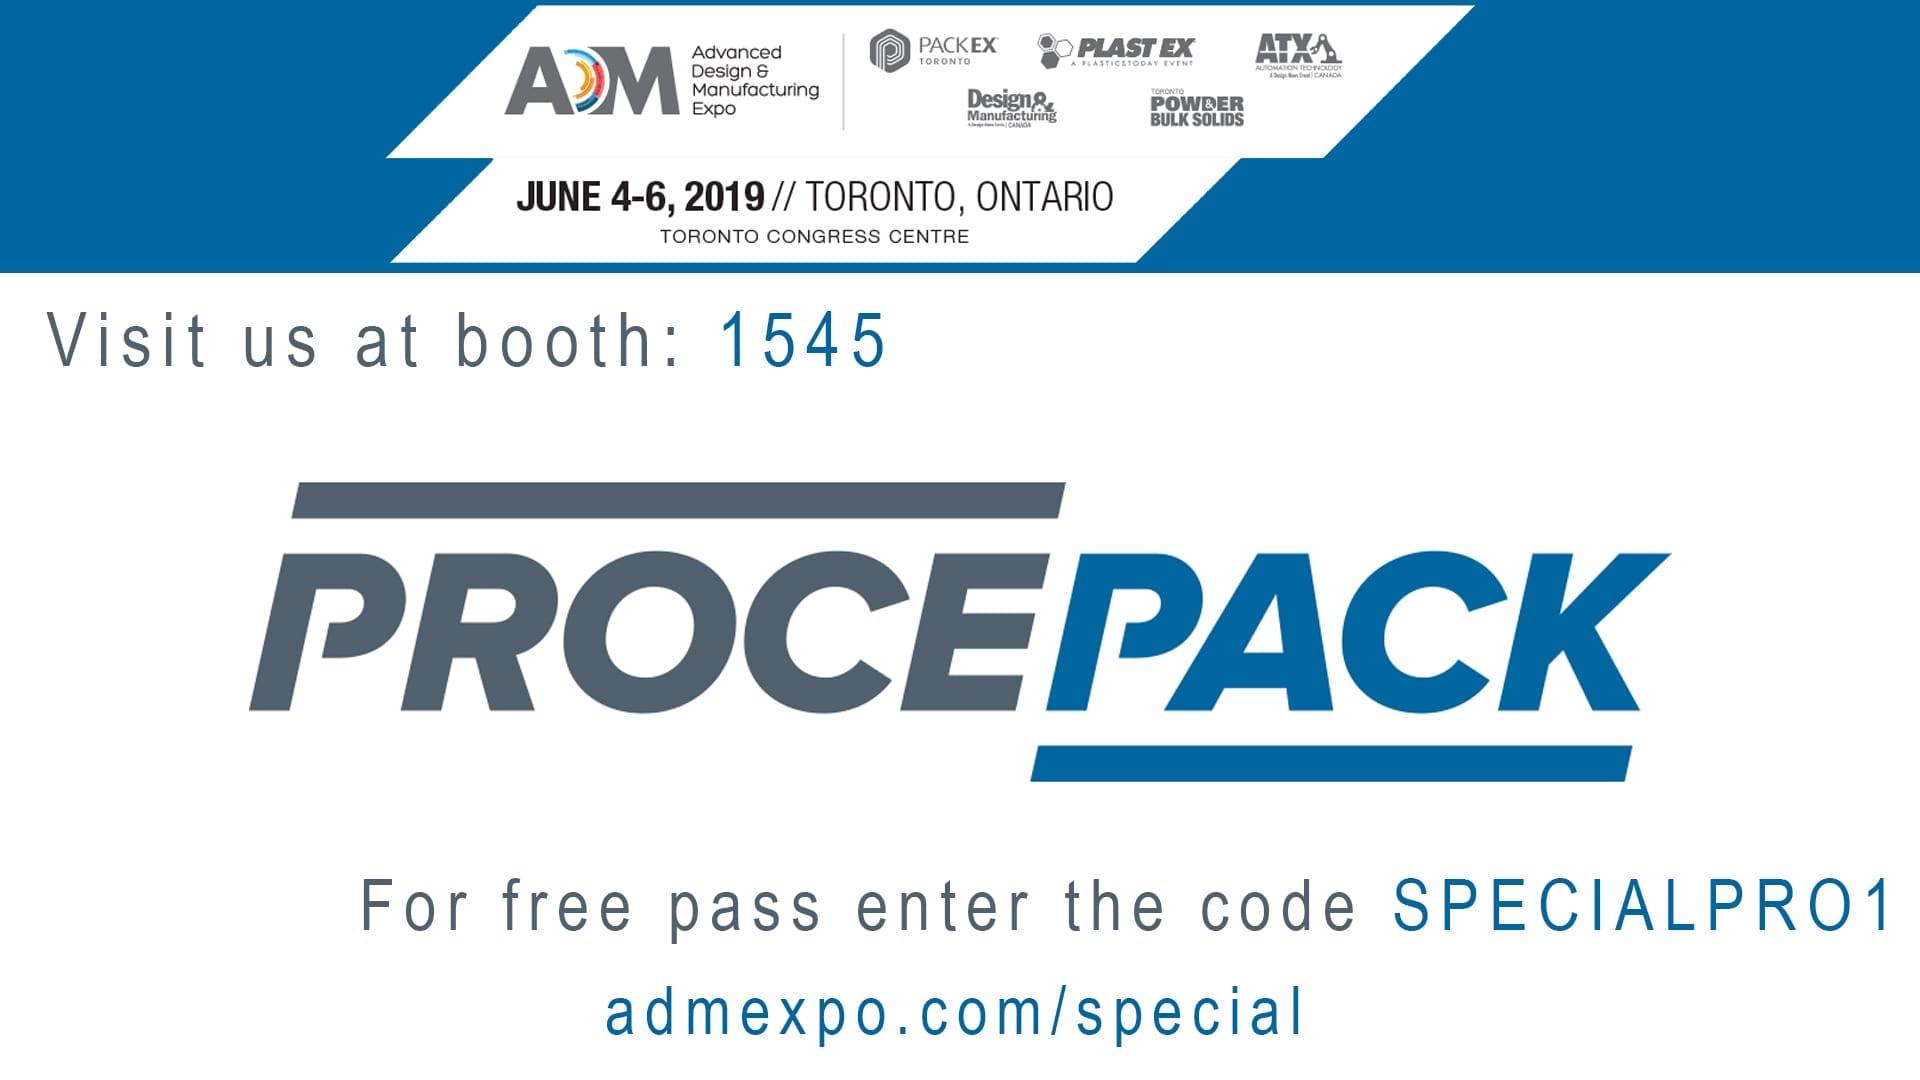 PackEx Toronto 2019